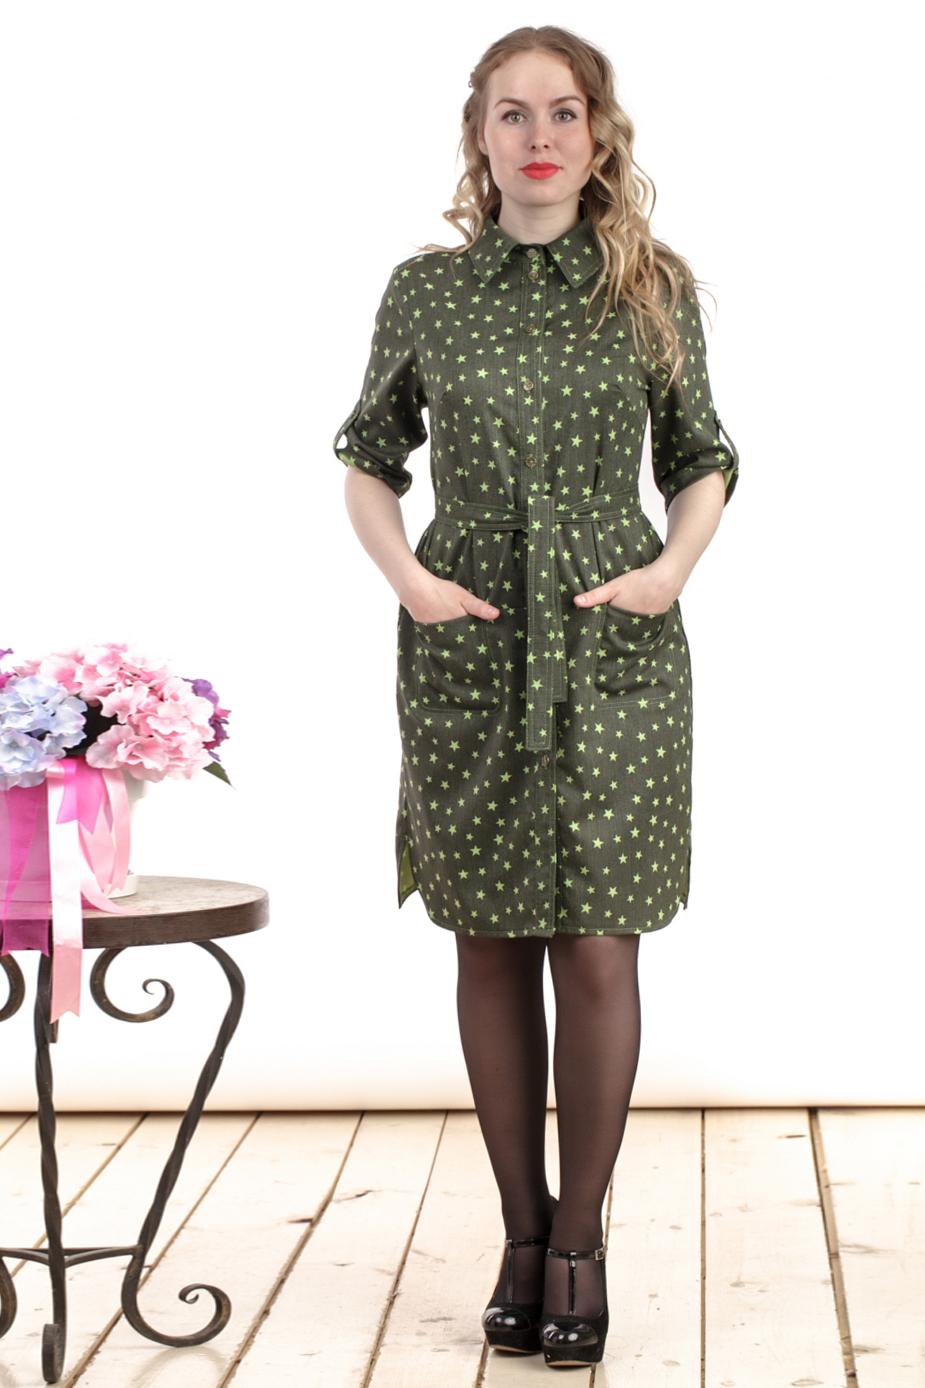 ПлатьеПлатья<br>Цветное платье рубашка. Модель выполнена из тонкой плательной ткани джинс. Отличный выбор для любого случая.  Цвет: зеленый  Длина изделия: 44 размер - 92 см. 46 размер - 93 см. 48 размер - 94 см. 50 размер - 95 см. 52 размер - 96 см. 54 размер - 97 см.  Рост девушки-фотомодели 161 см.<br><br>Воротник: Рубашечный<br>По длине: До колена<br>По материалу: Тканевые<br>По образу: Город<br>По рисунку: С принтом,Цветные<br>По силуэту: Полуприталенные<br>По стилю: Повседневный стиль,Сафари<br>По форме: Платье - рубашка<br>По элементам: С карманами,С патами<br>Рукав: До локтя,Рукав три четверти<br>По сезону: Осень,Весна<br>Размер : 44,46,48,54<br>Материал: Плательная ткань<br>Количество в наличии: 4